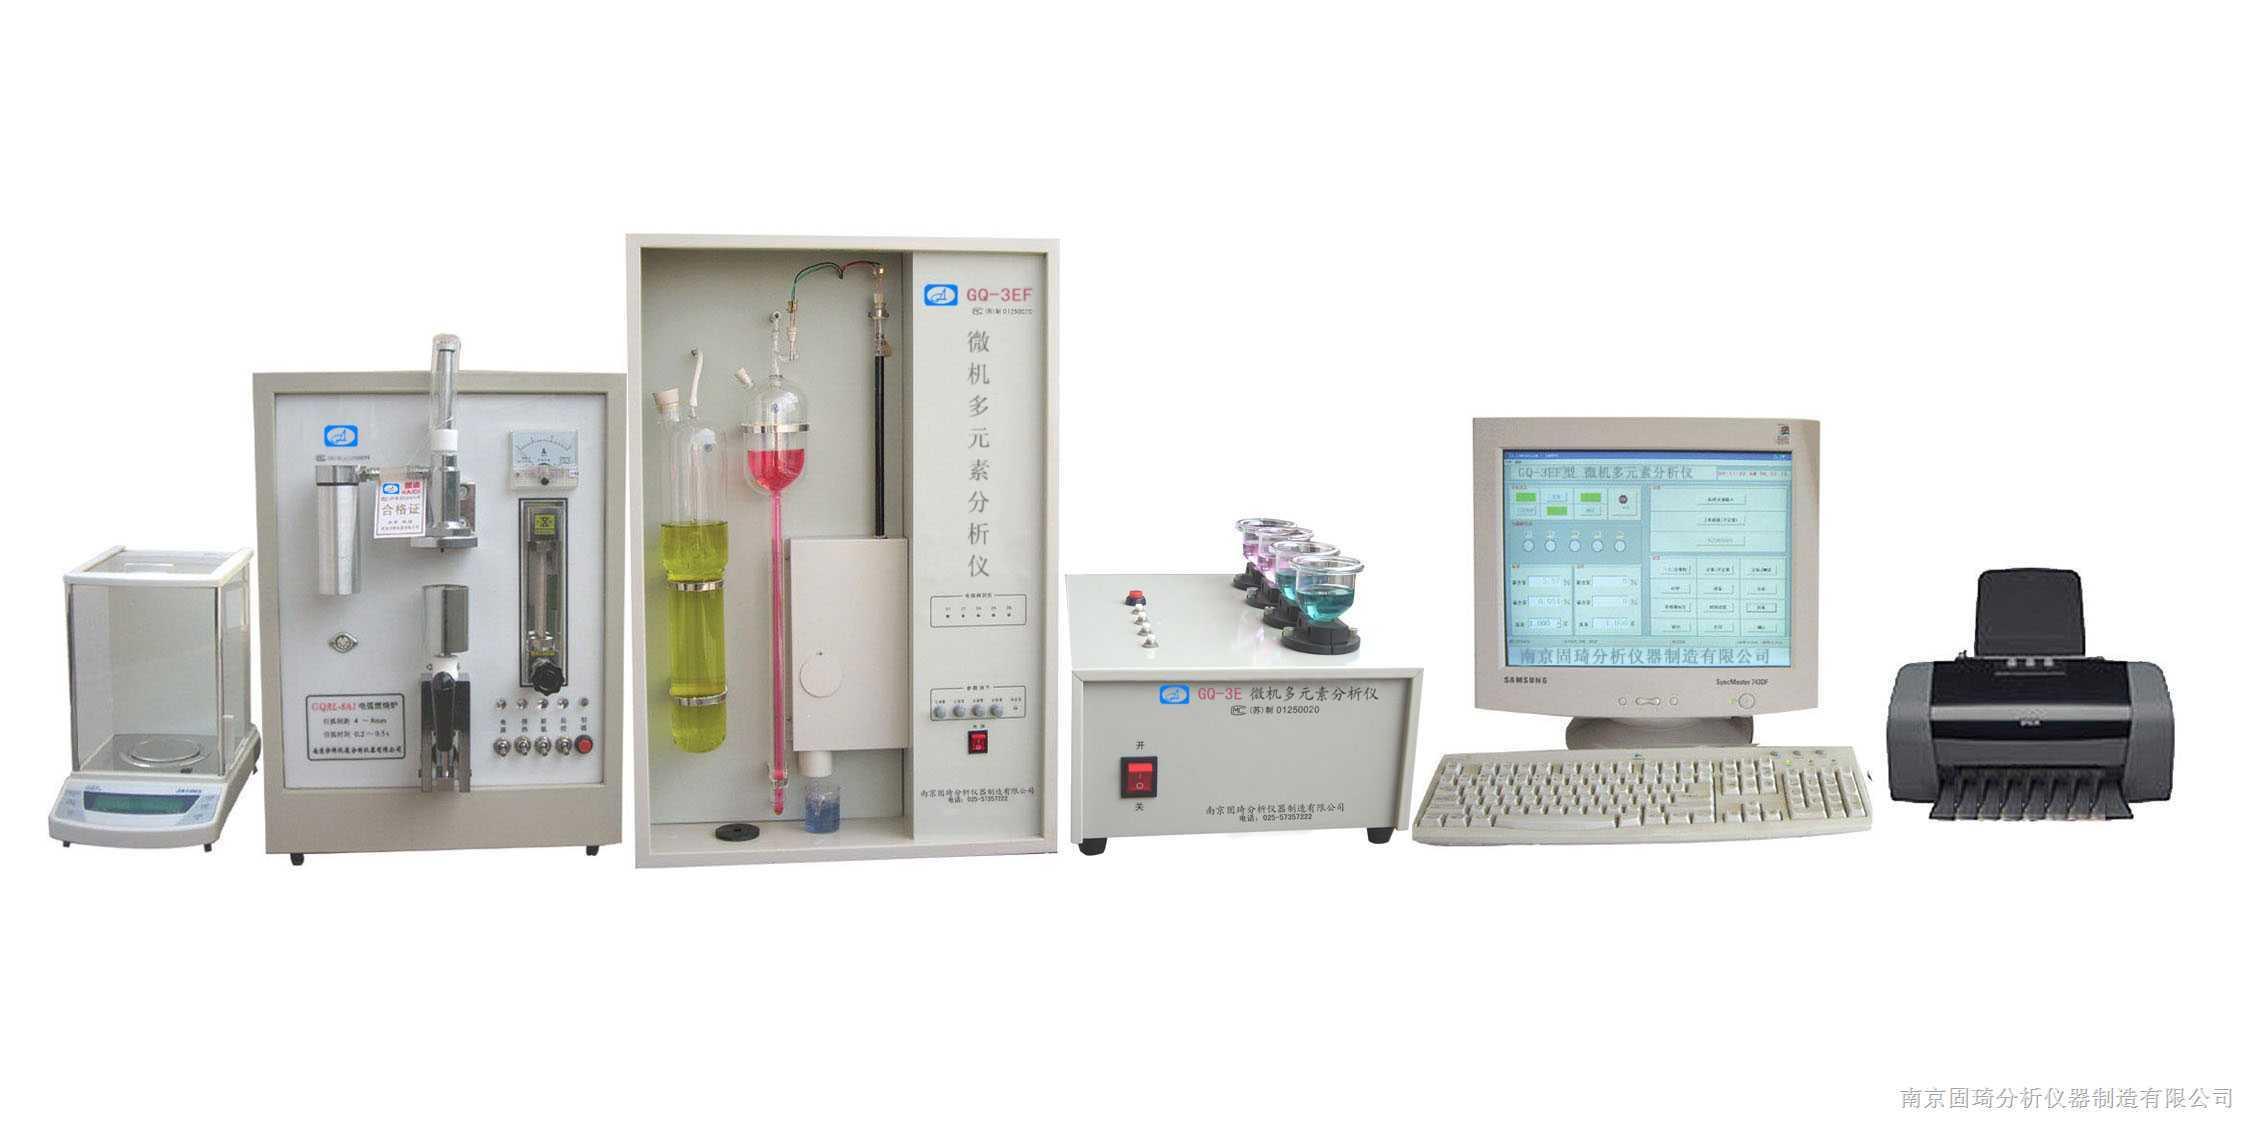 五大元素分析仪器